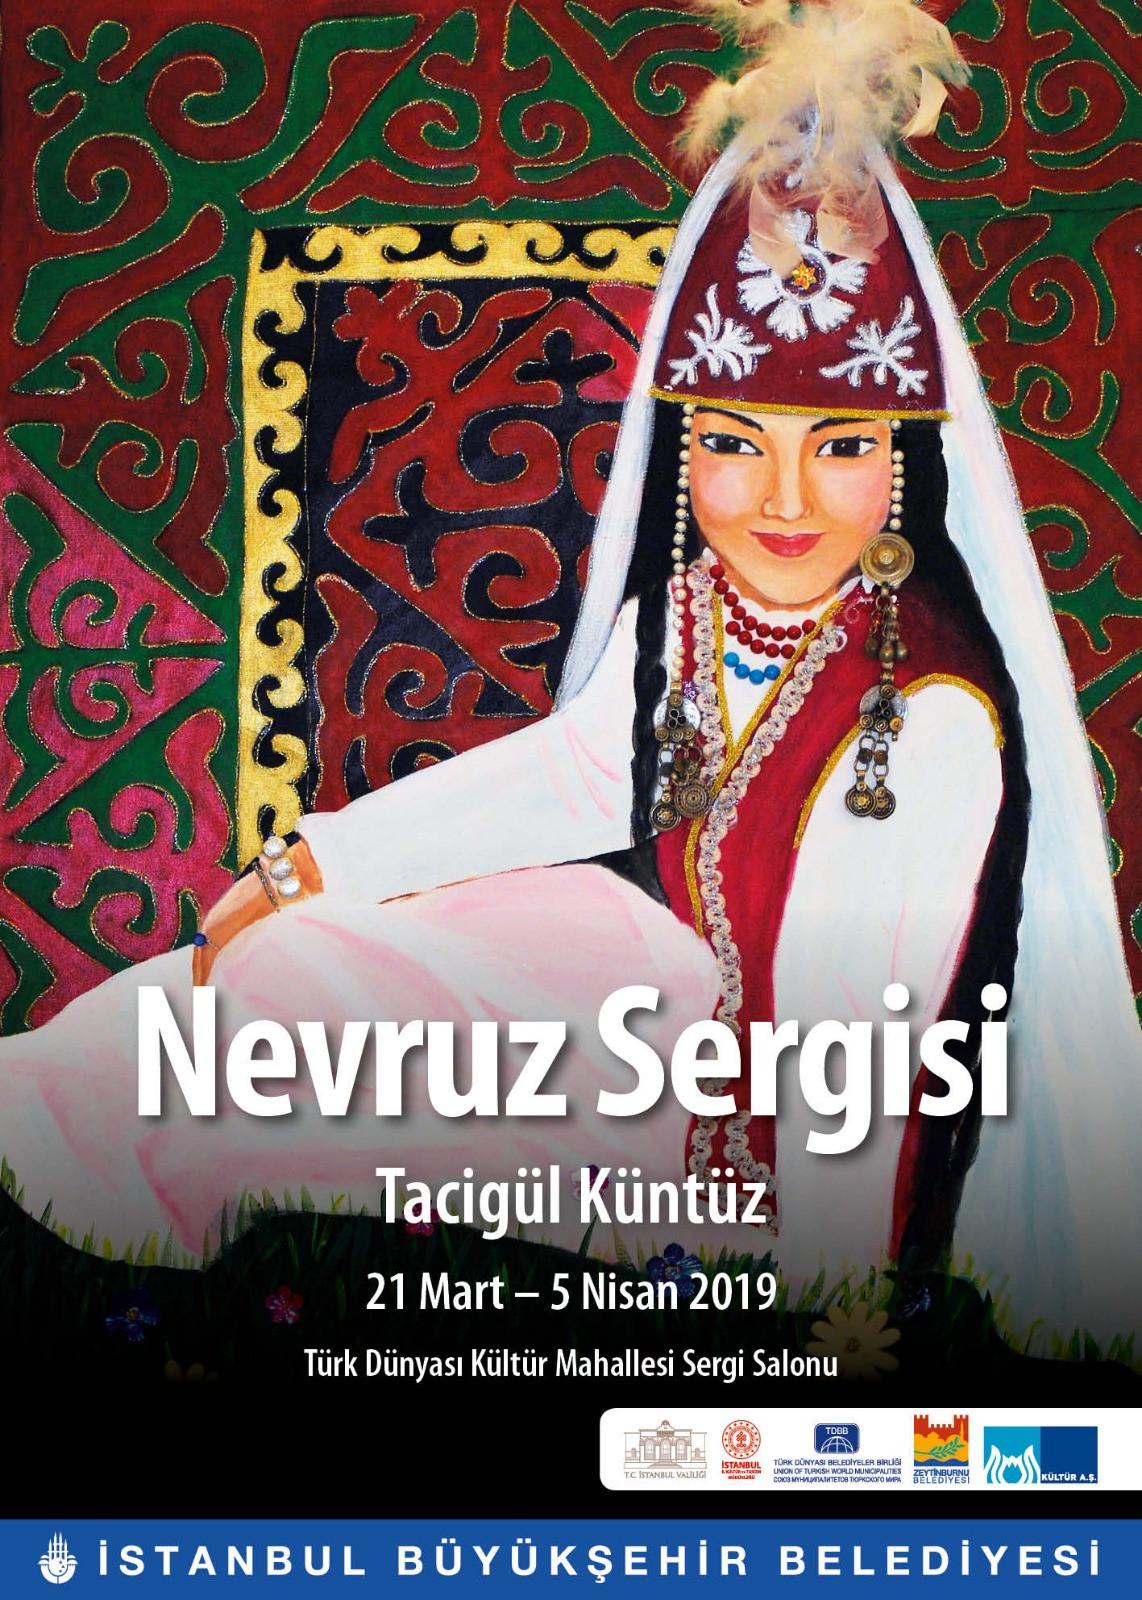 Nevruz Kutlamalarının Adresi Türk Dünyası Kültür Mahallesi Olacak Galeri - 2. Resim